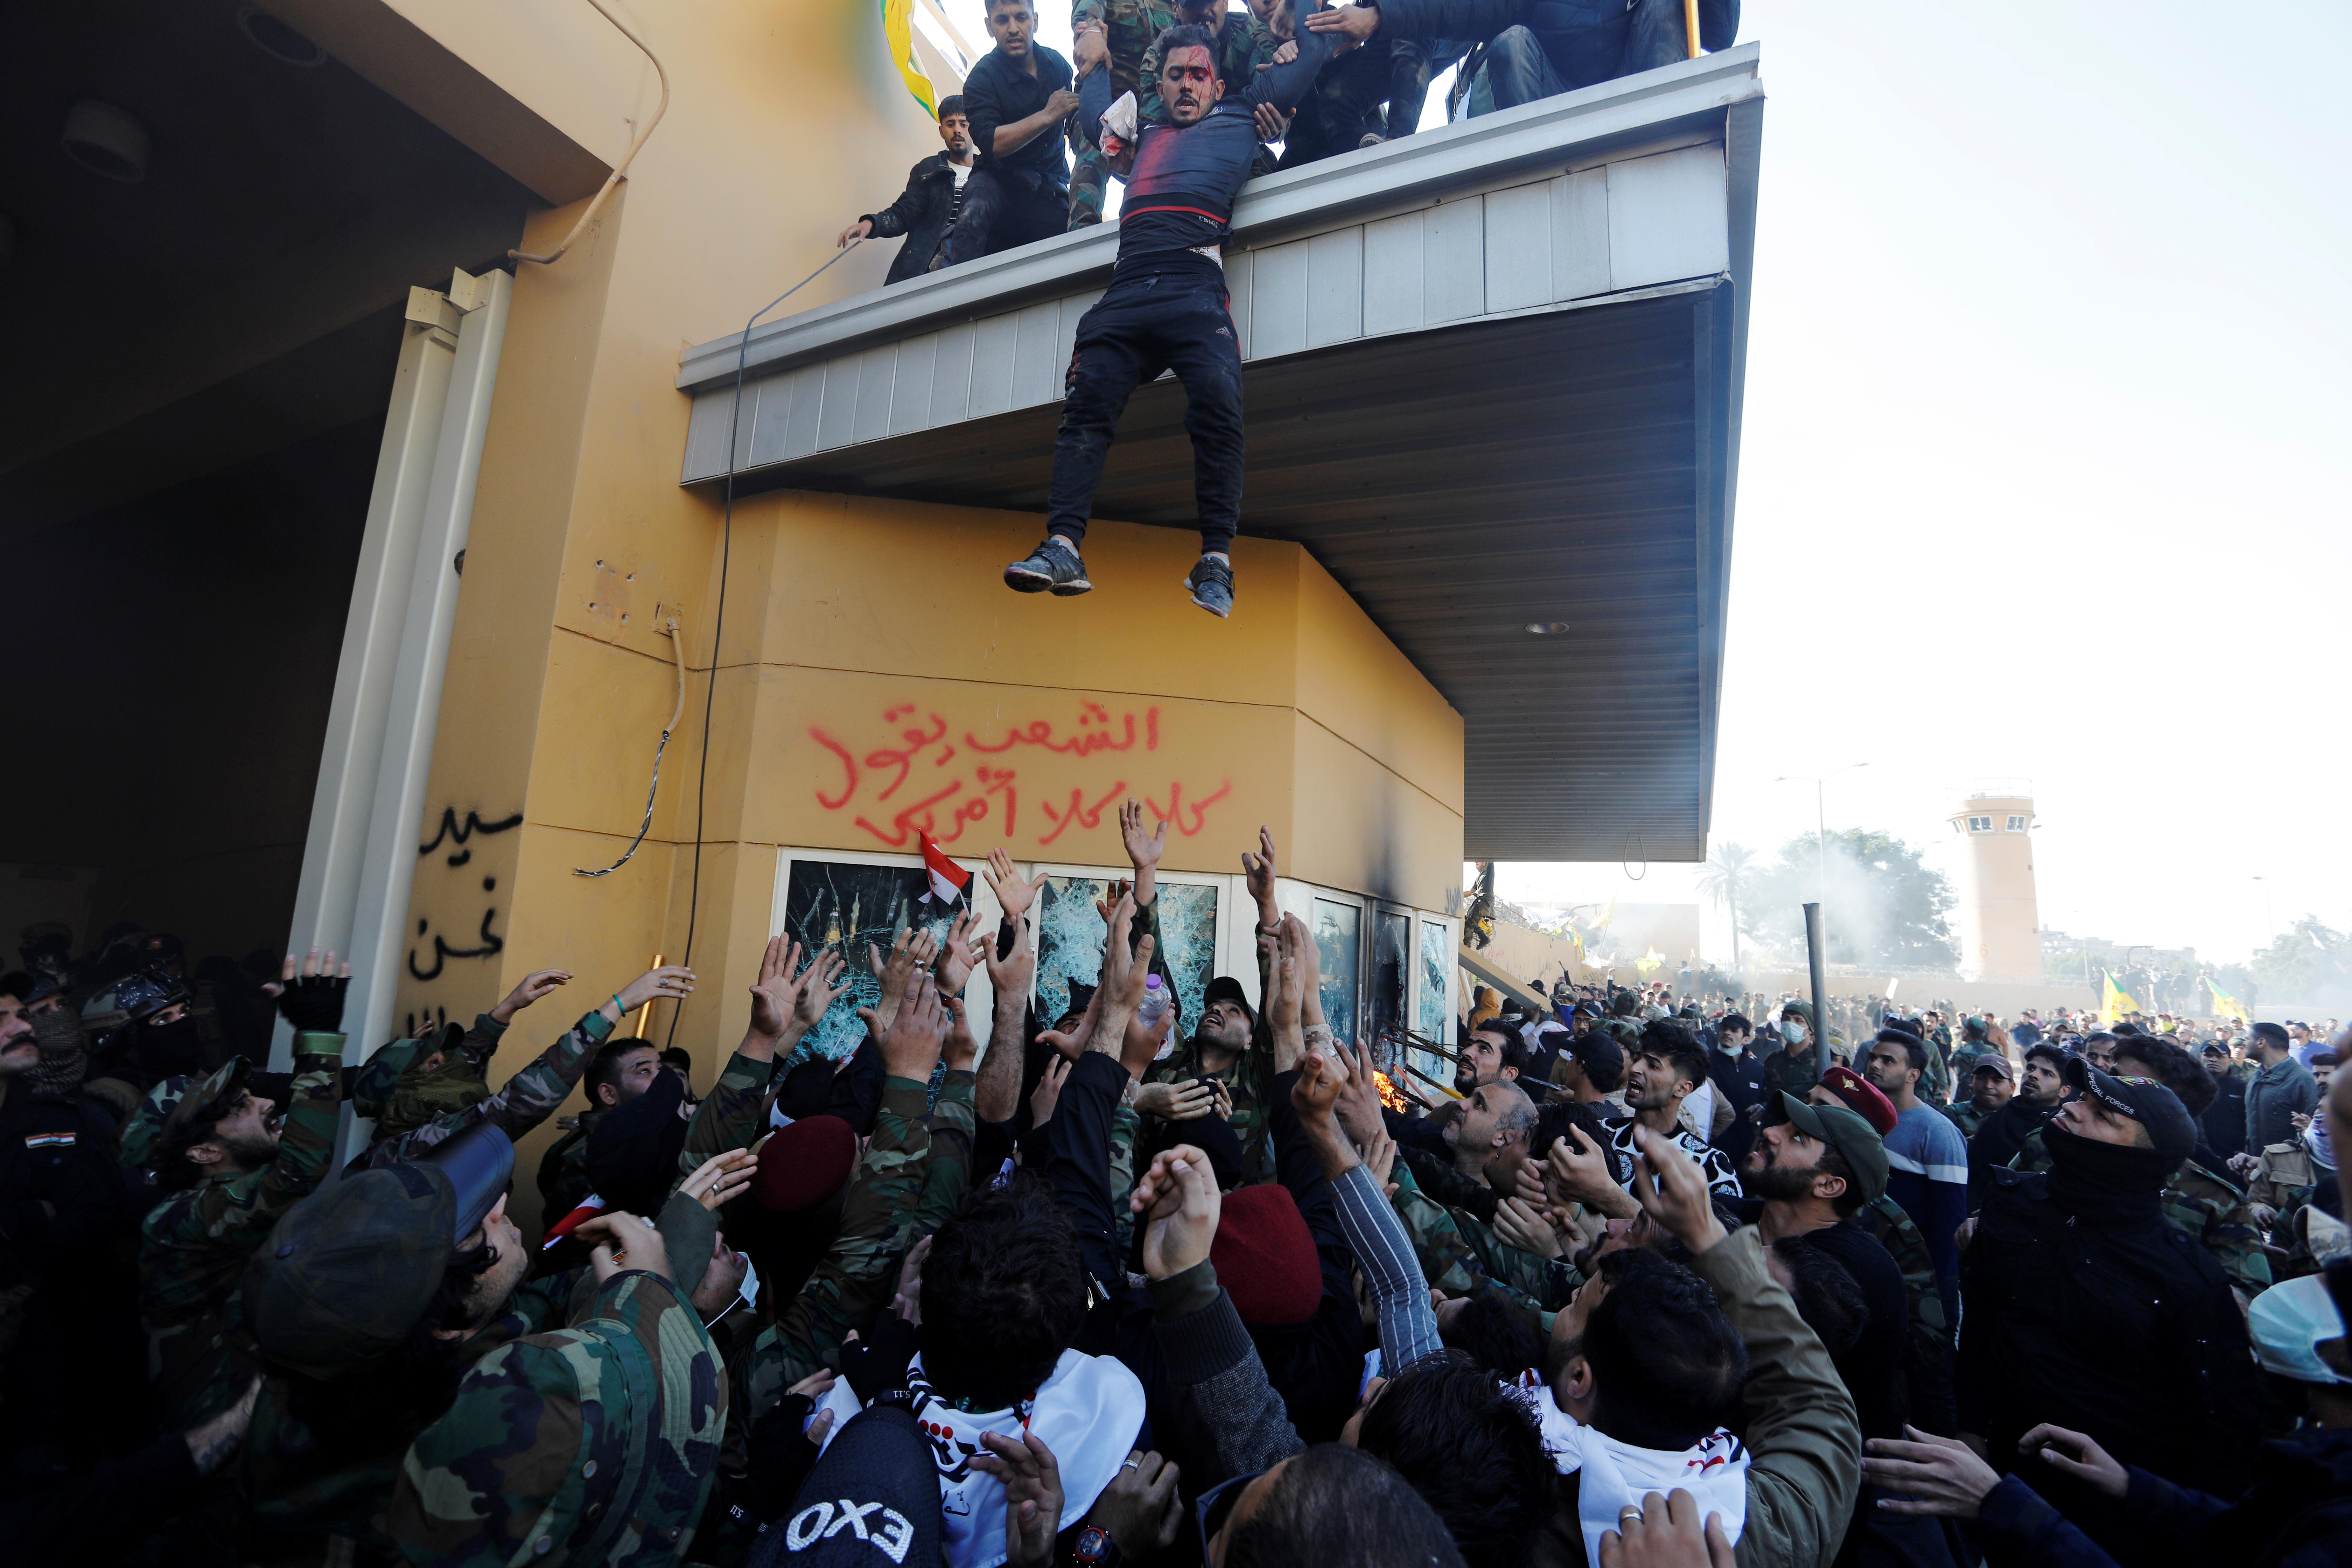 Un miliciano herido es arrojado a una multitud que espera para trasladarlo